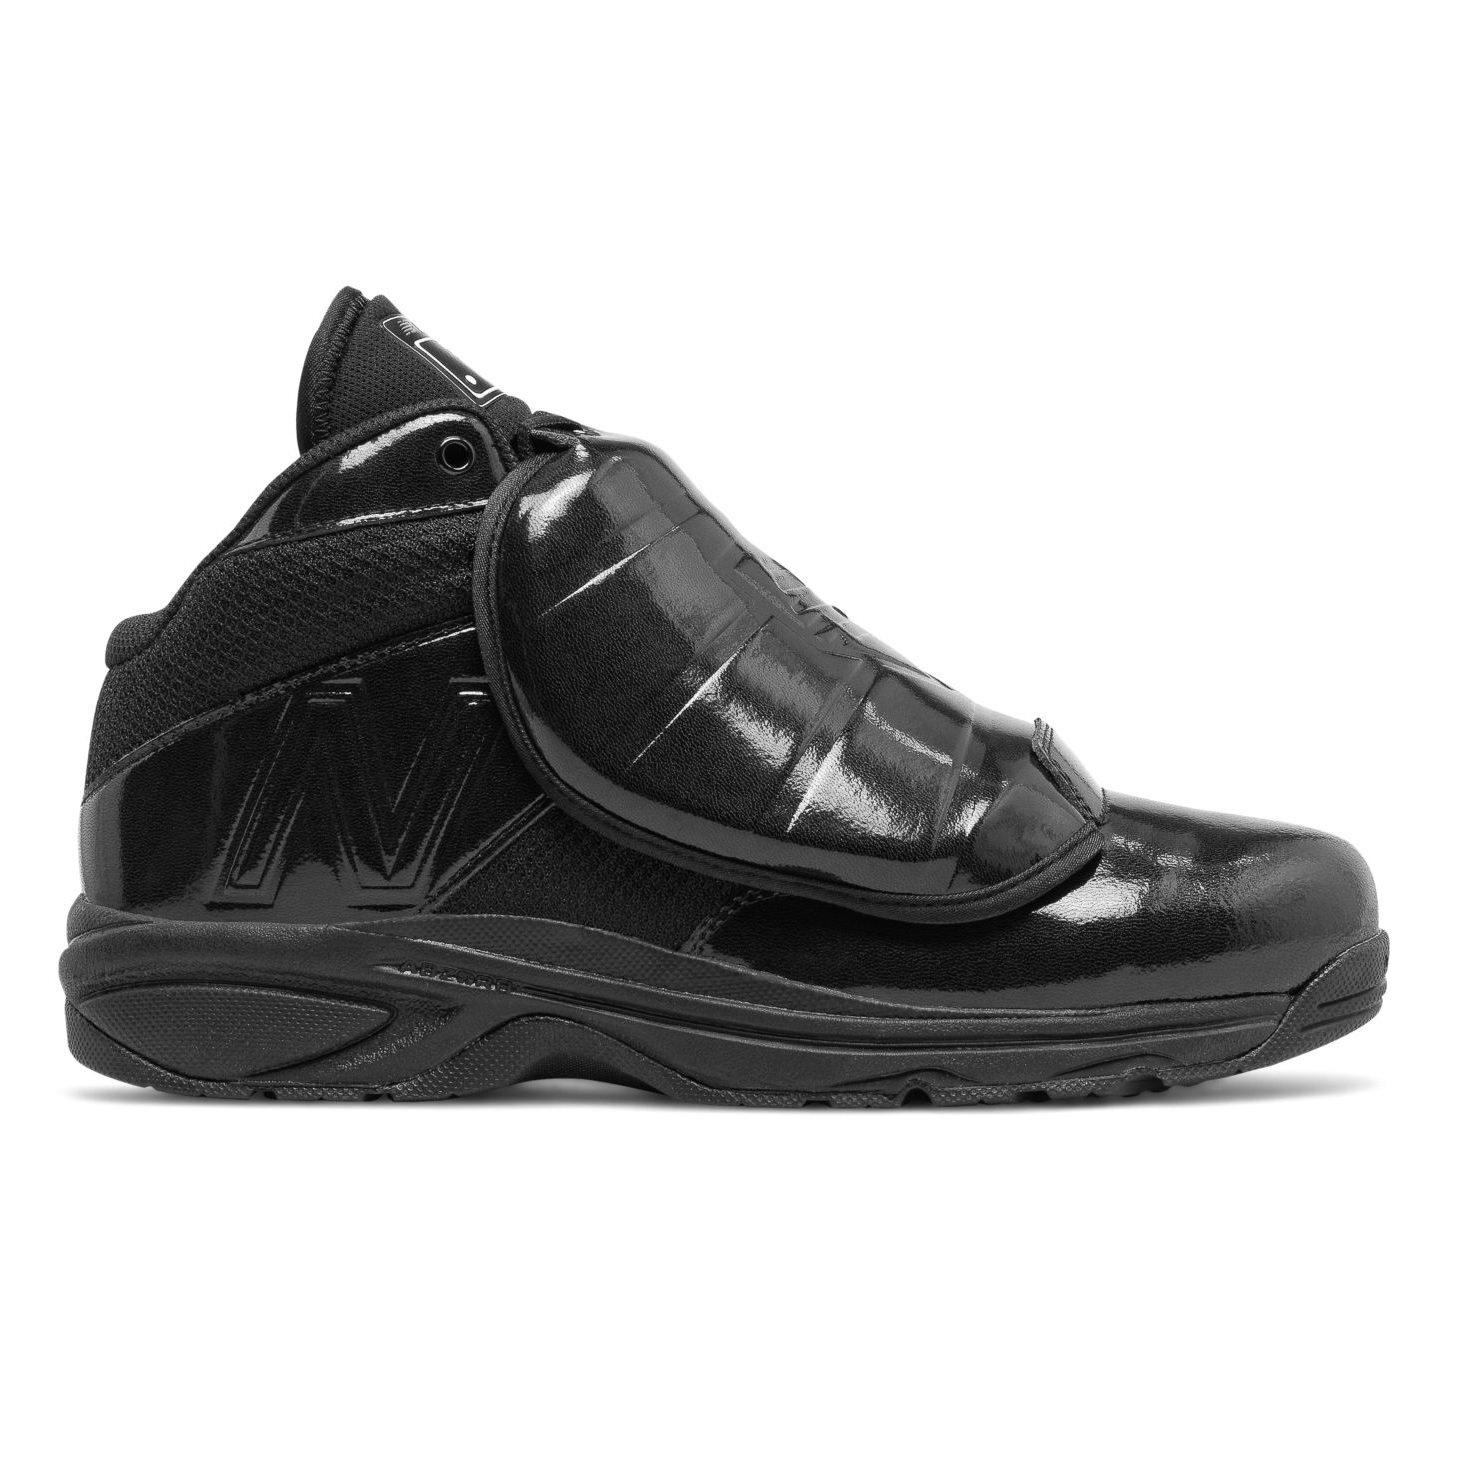 New Balance 460v3 Umpire Plate Shoe